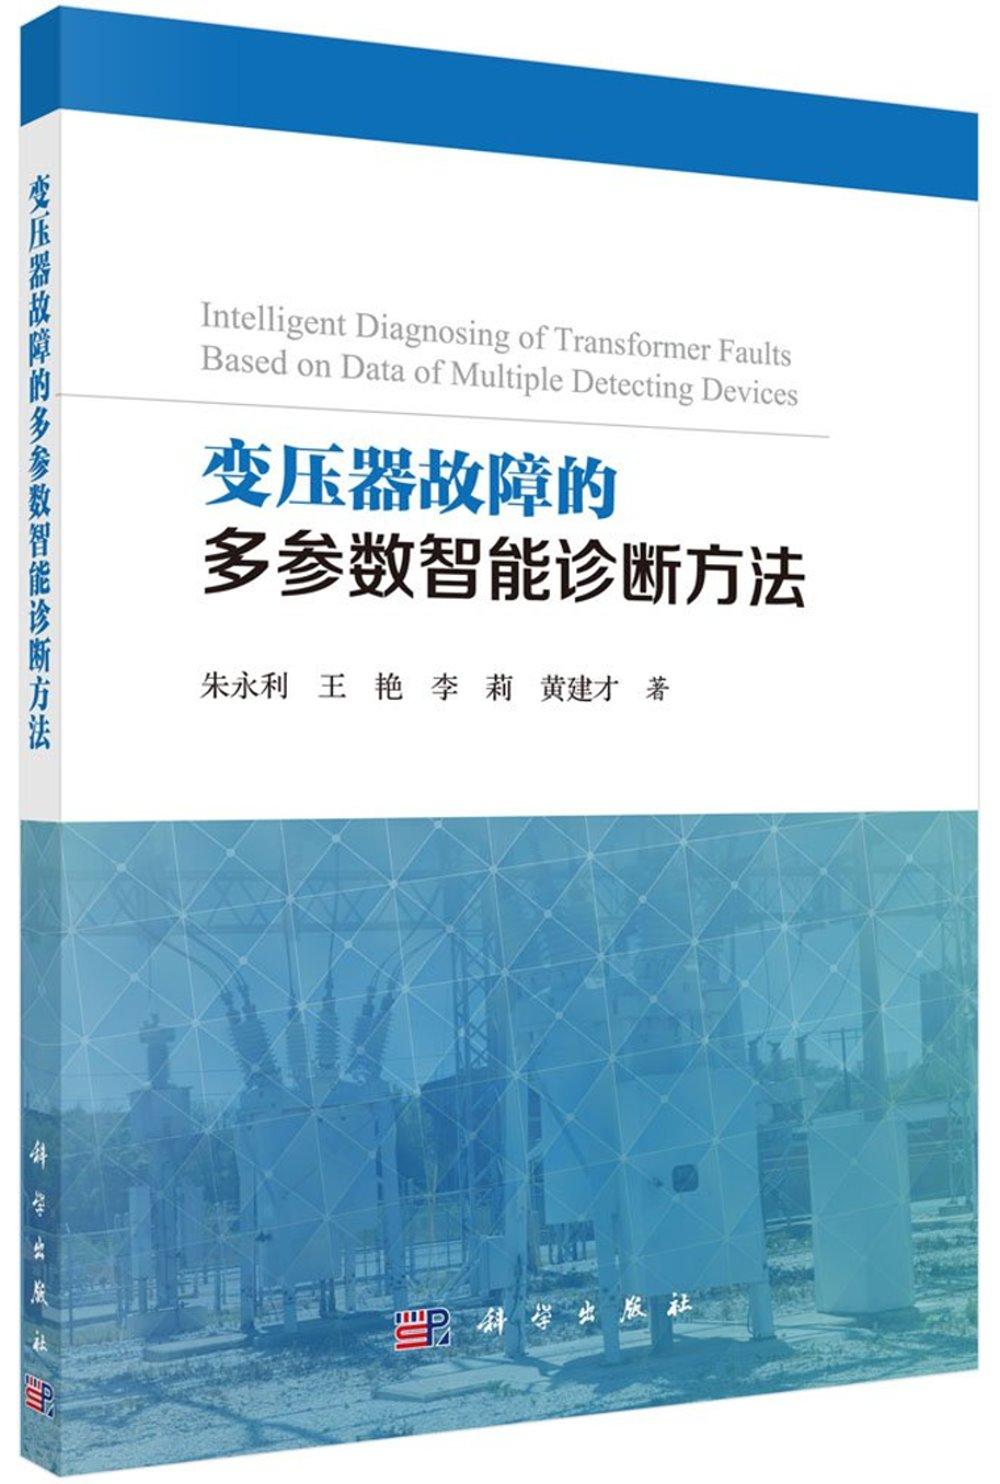 變壓器故障的多參數智能診斷方法